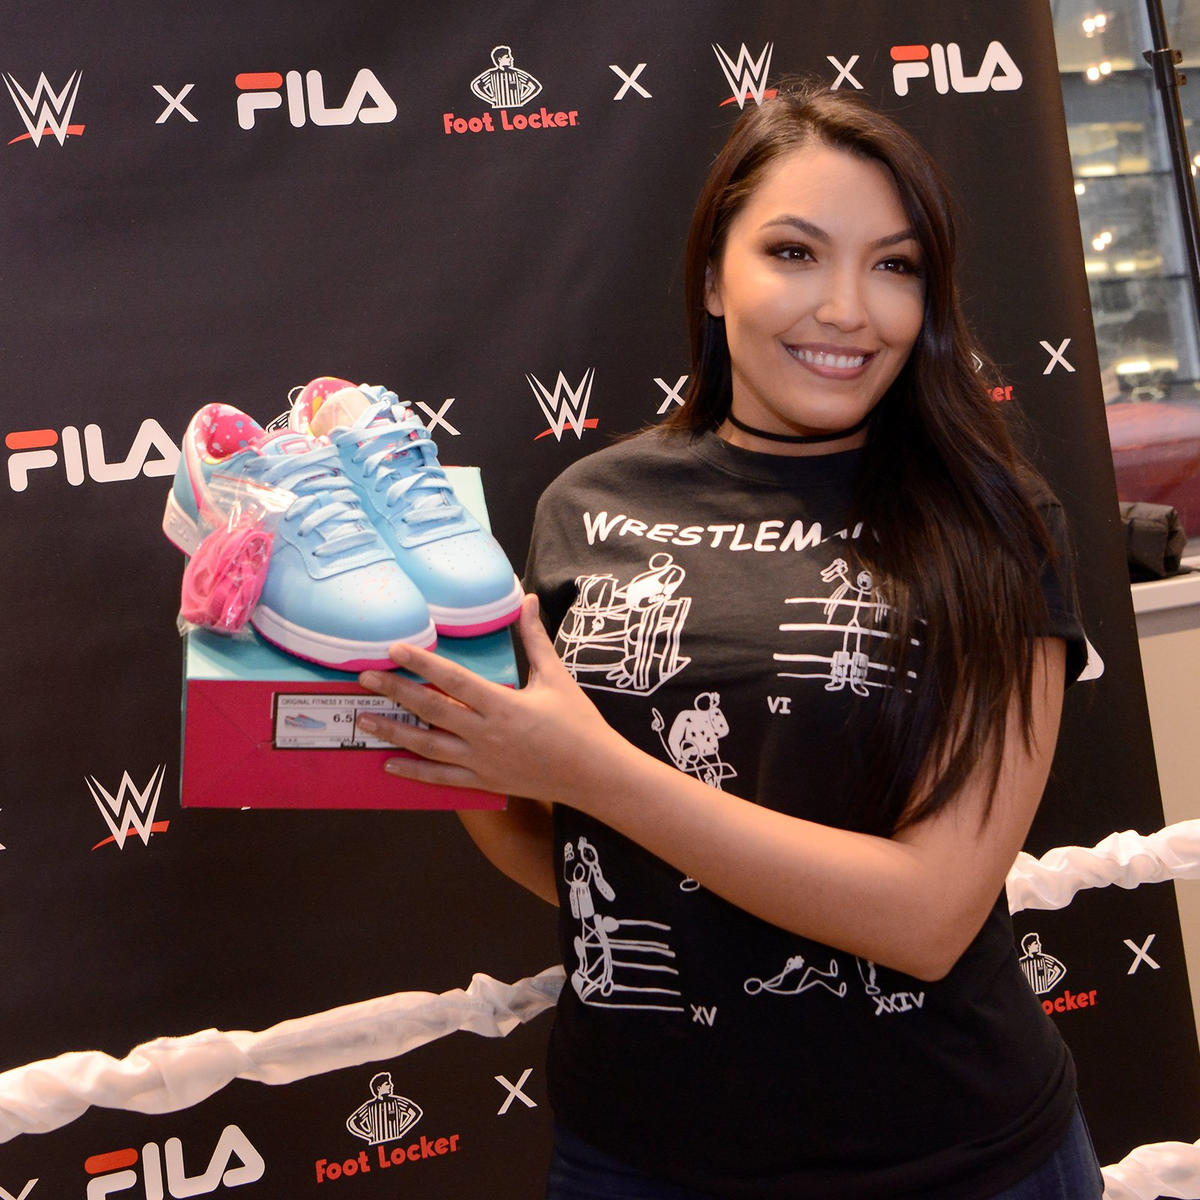 limited edition WWE x FILA collab